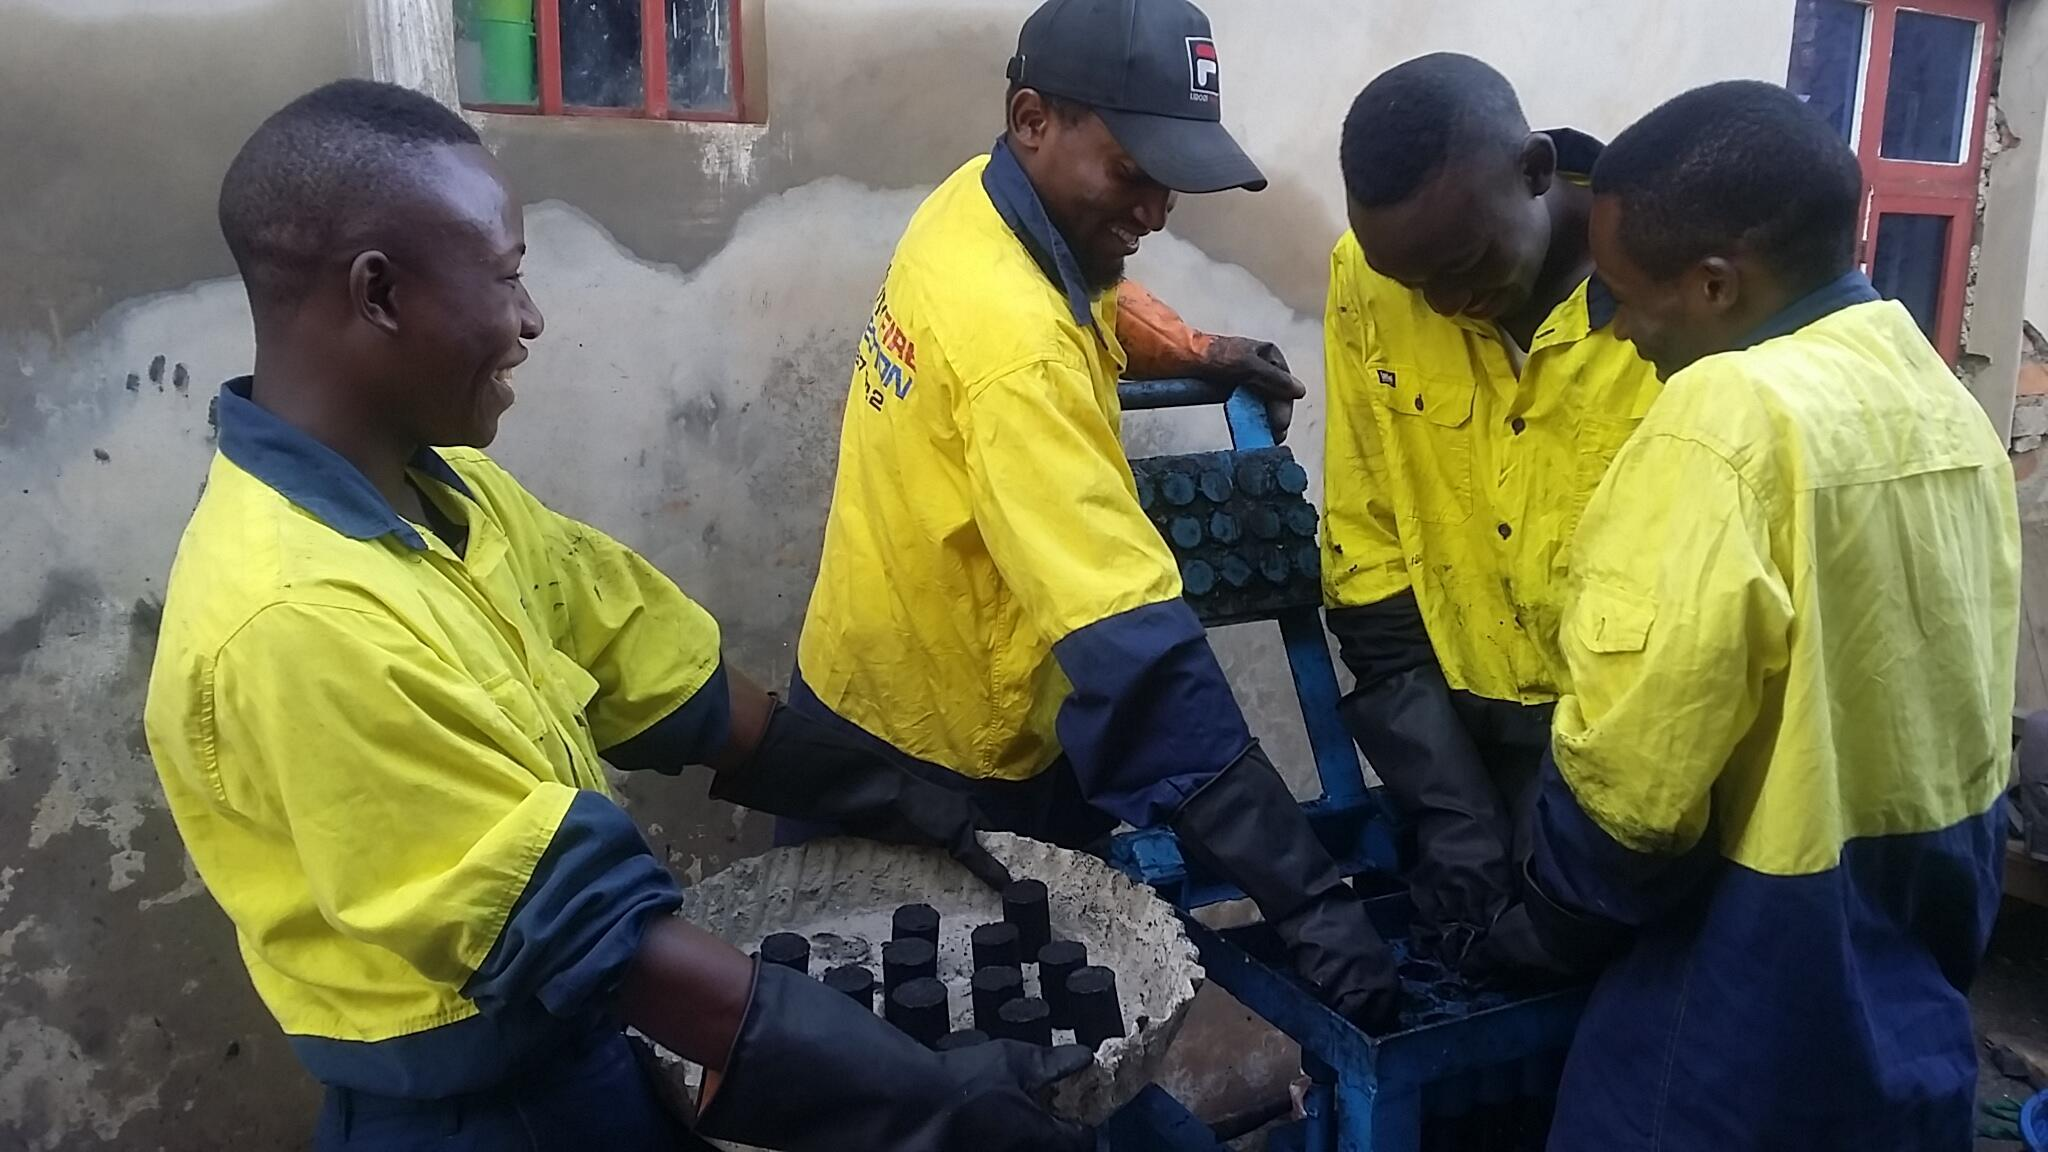 """La """"Briquette du Kivu"""" est une entreprise qui produit du charbon écologique à Bukavu, dans l'est de la RDC, depuis plusieurs semaines. Toutes les photos ont été envoyées par Murhula Zigabe."""